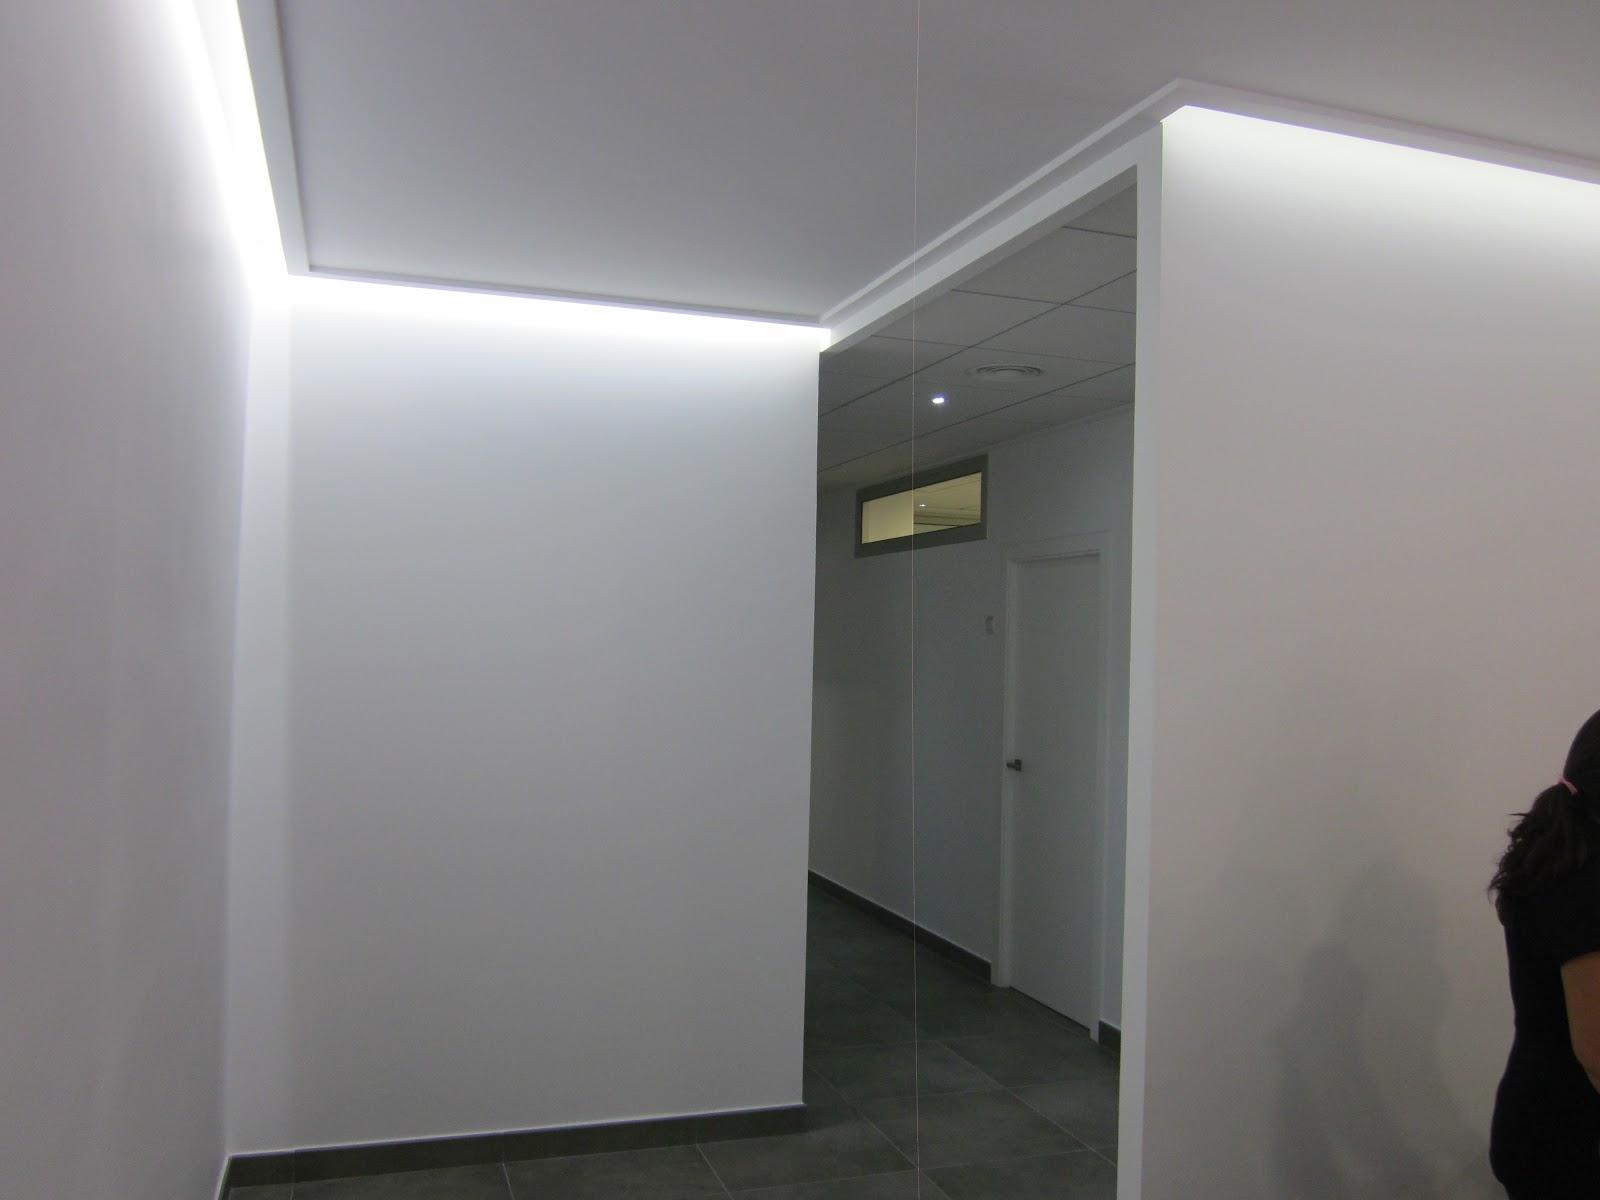 Habitania construcciones y reformas iluminaci n - Iluminacion led para banos ...